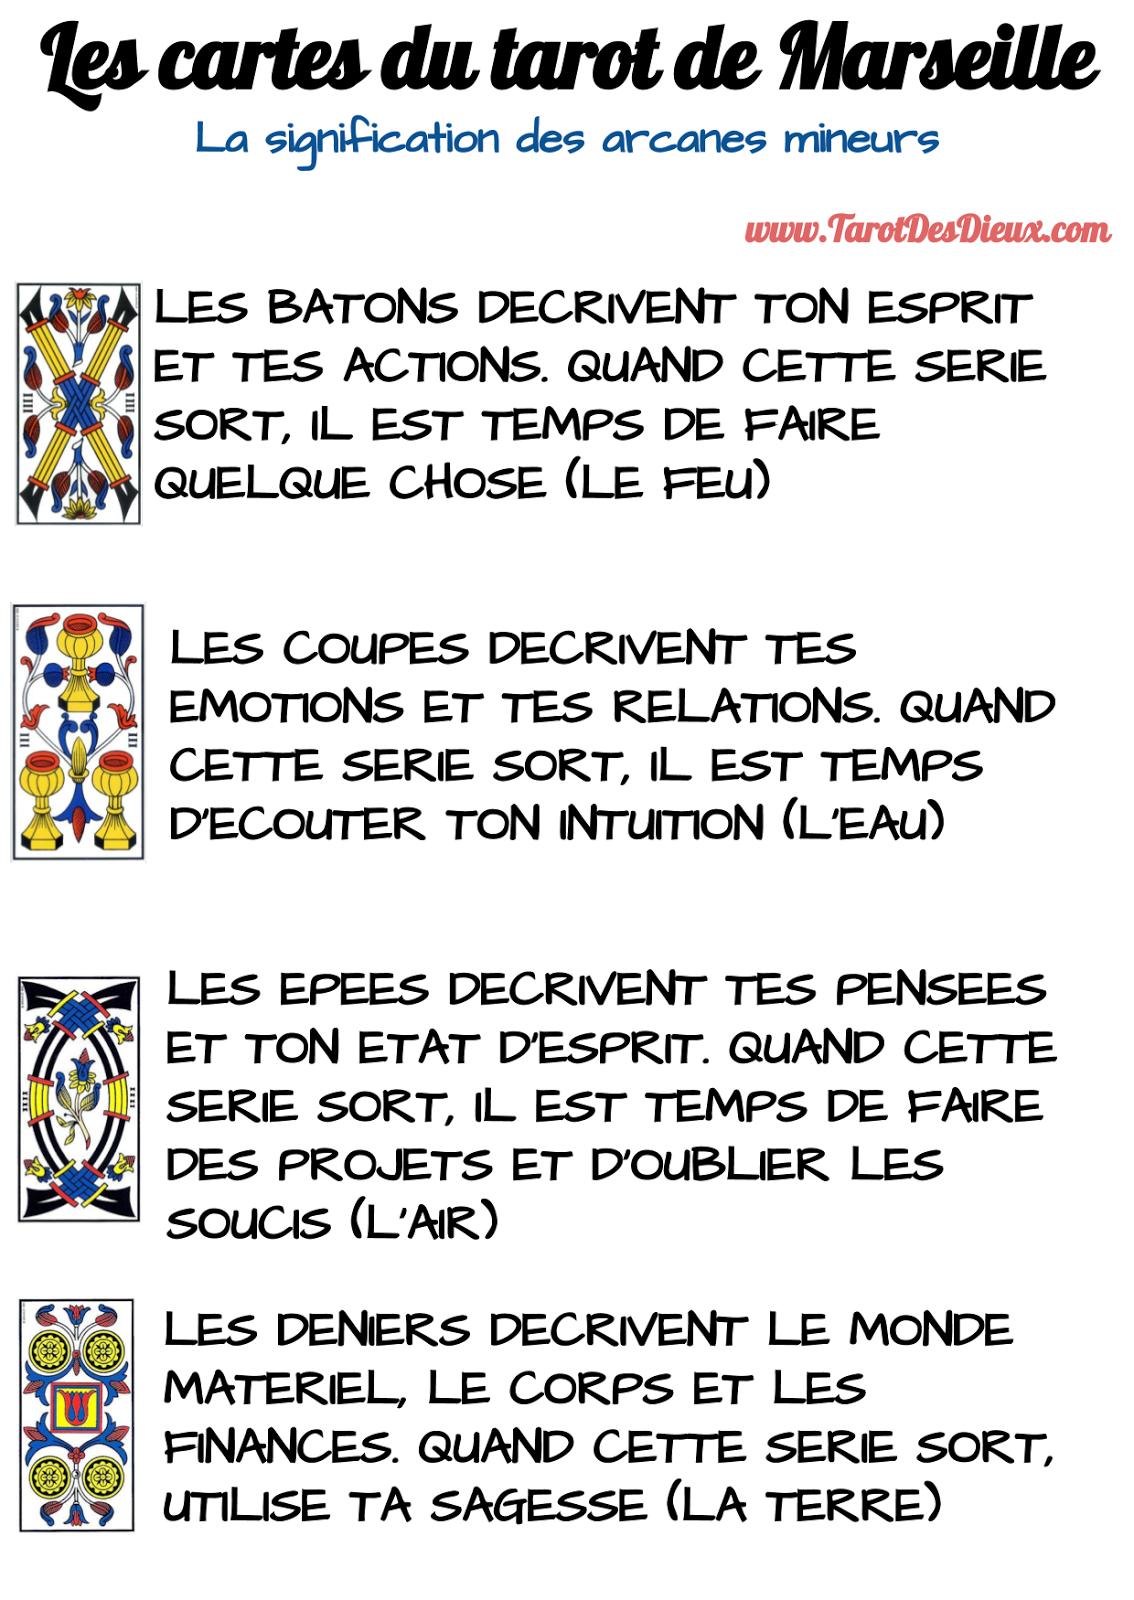 4c5da12d9d195f Infographic sur l interprétation des cartes du tarot de Marseille